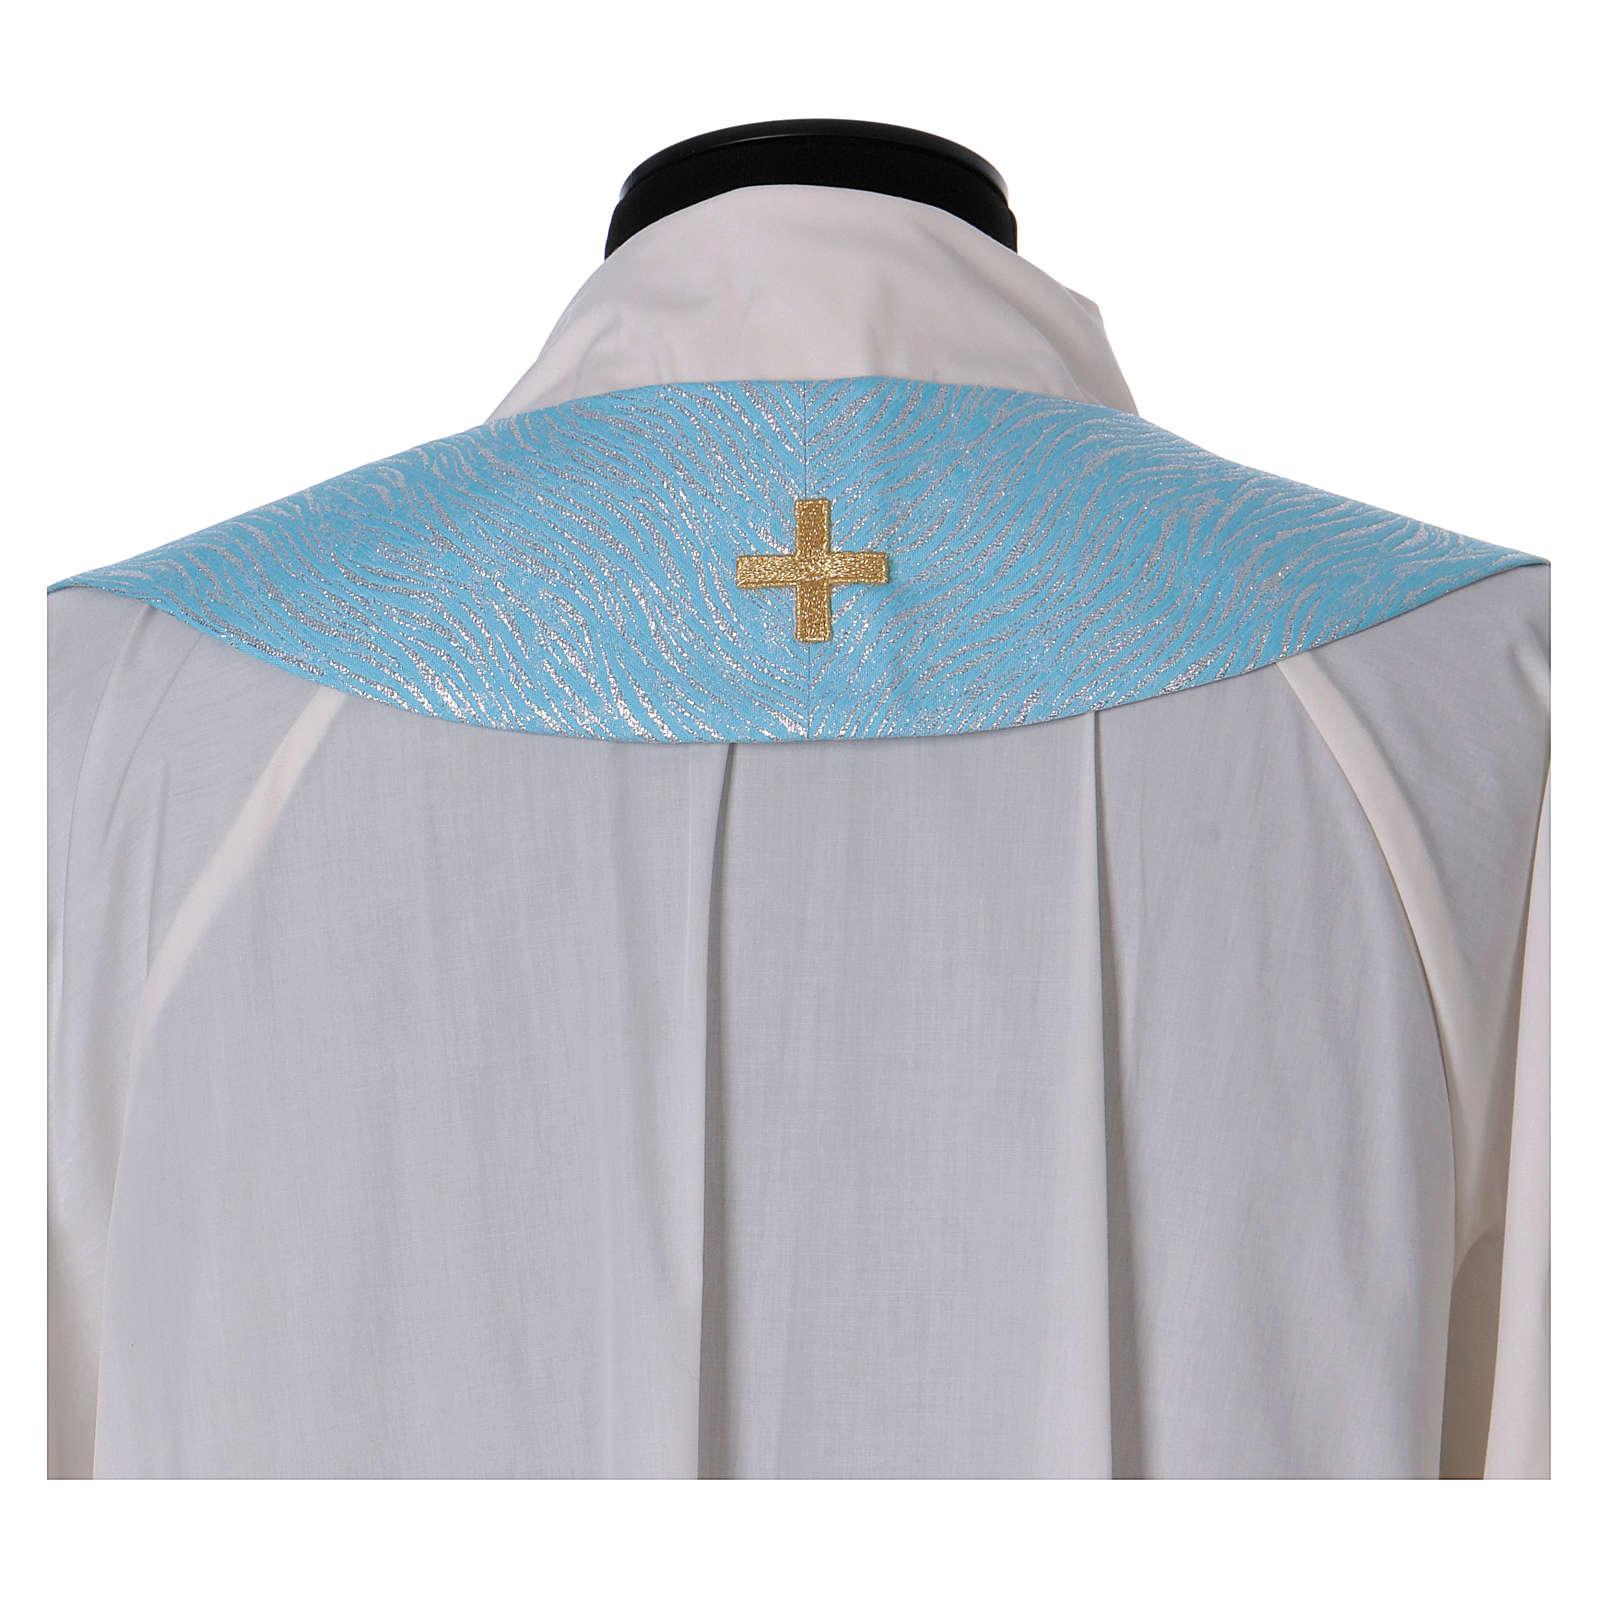 Piviale 80% poliestere celeste iniziali Santissimo nome di Maria 4